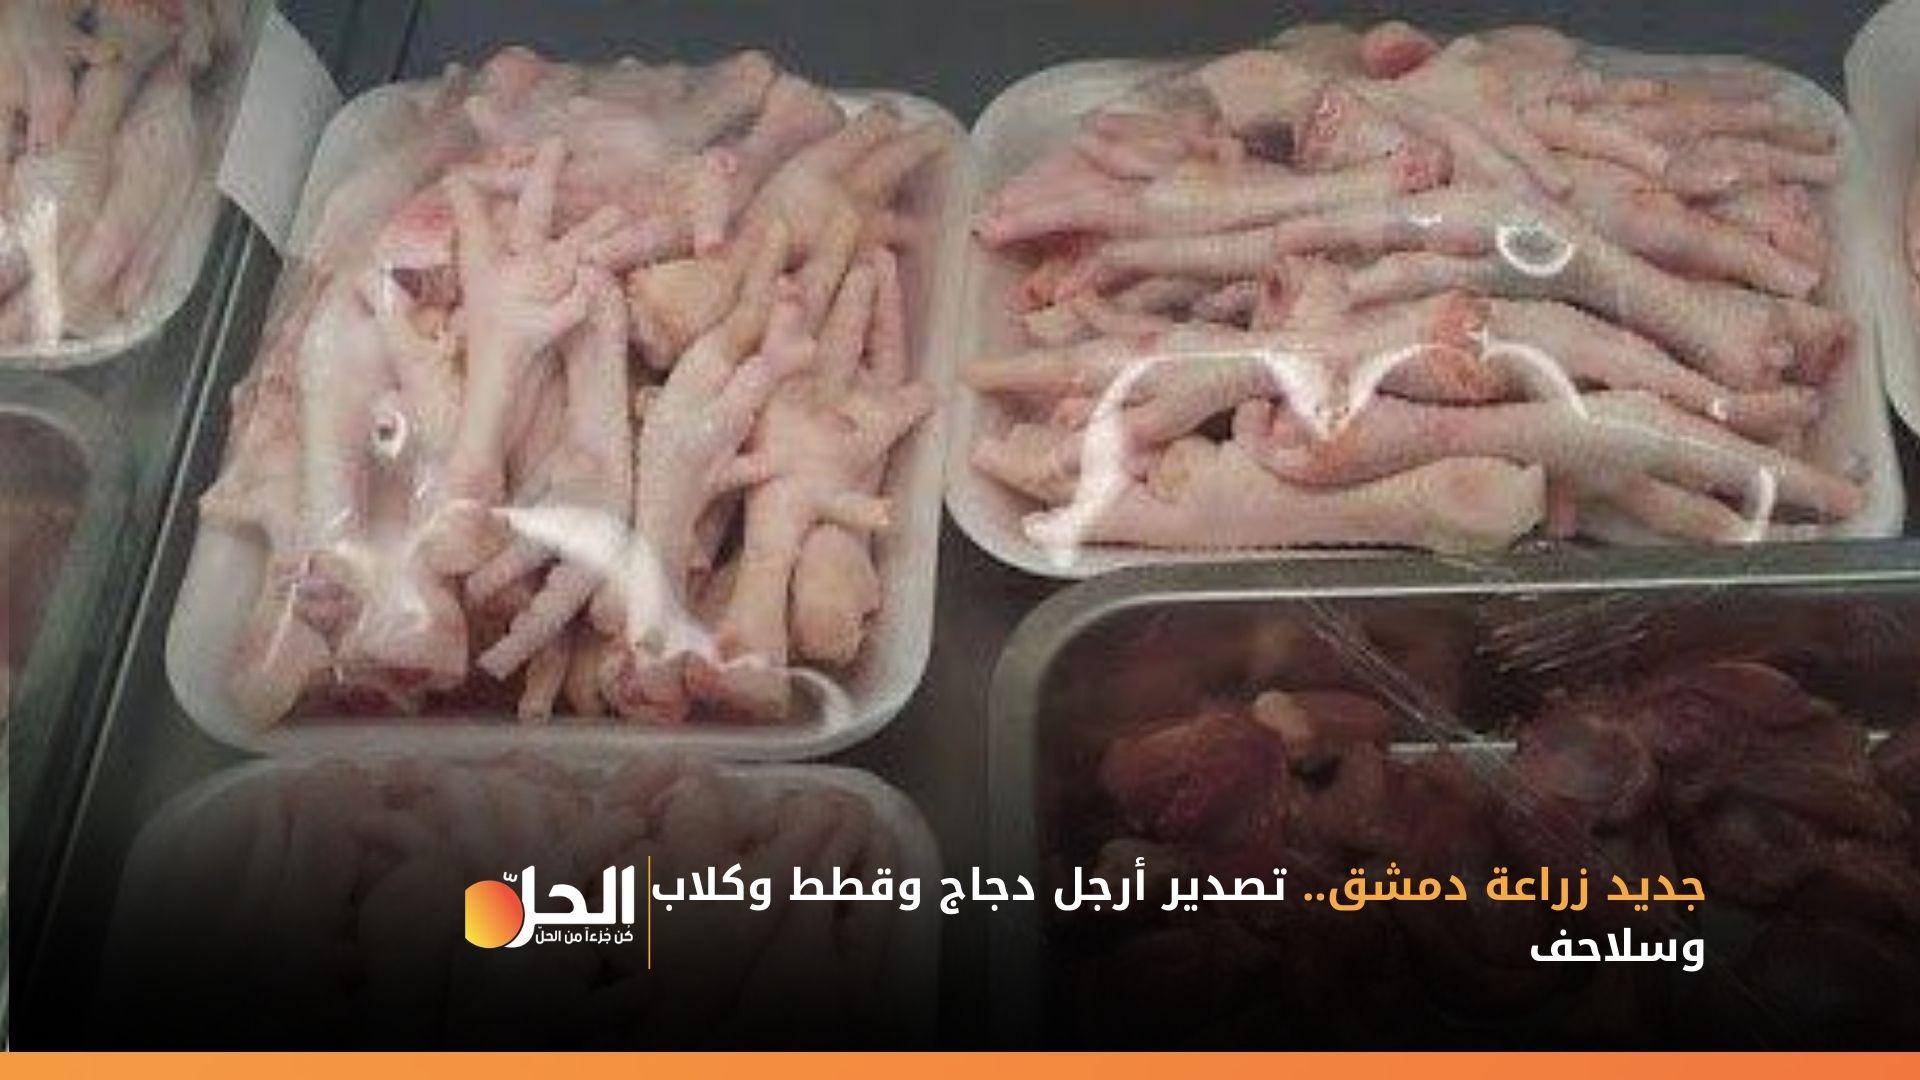 جديد زراعة دمشق.. تصدير أرجل دجاج وقطط وكلاب وسلاحف